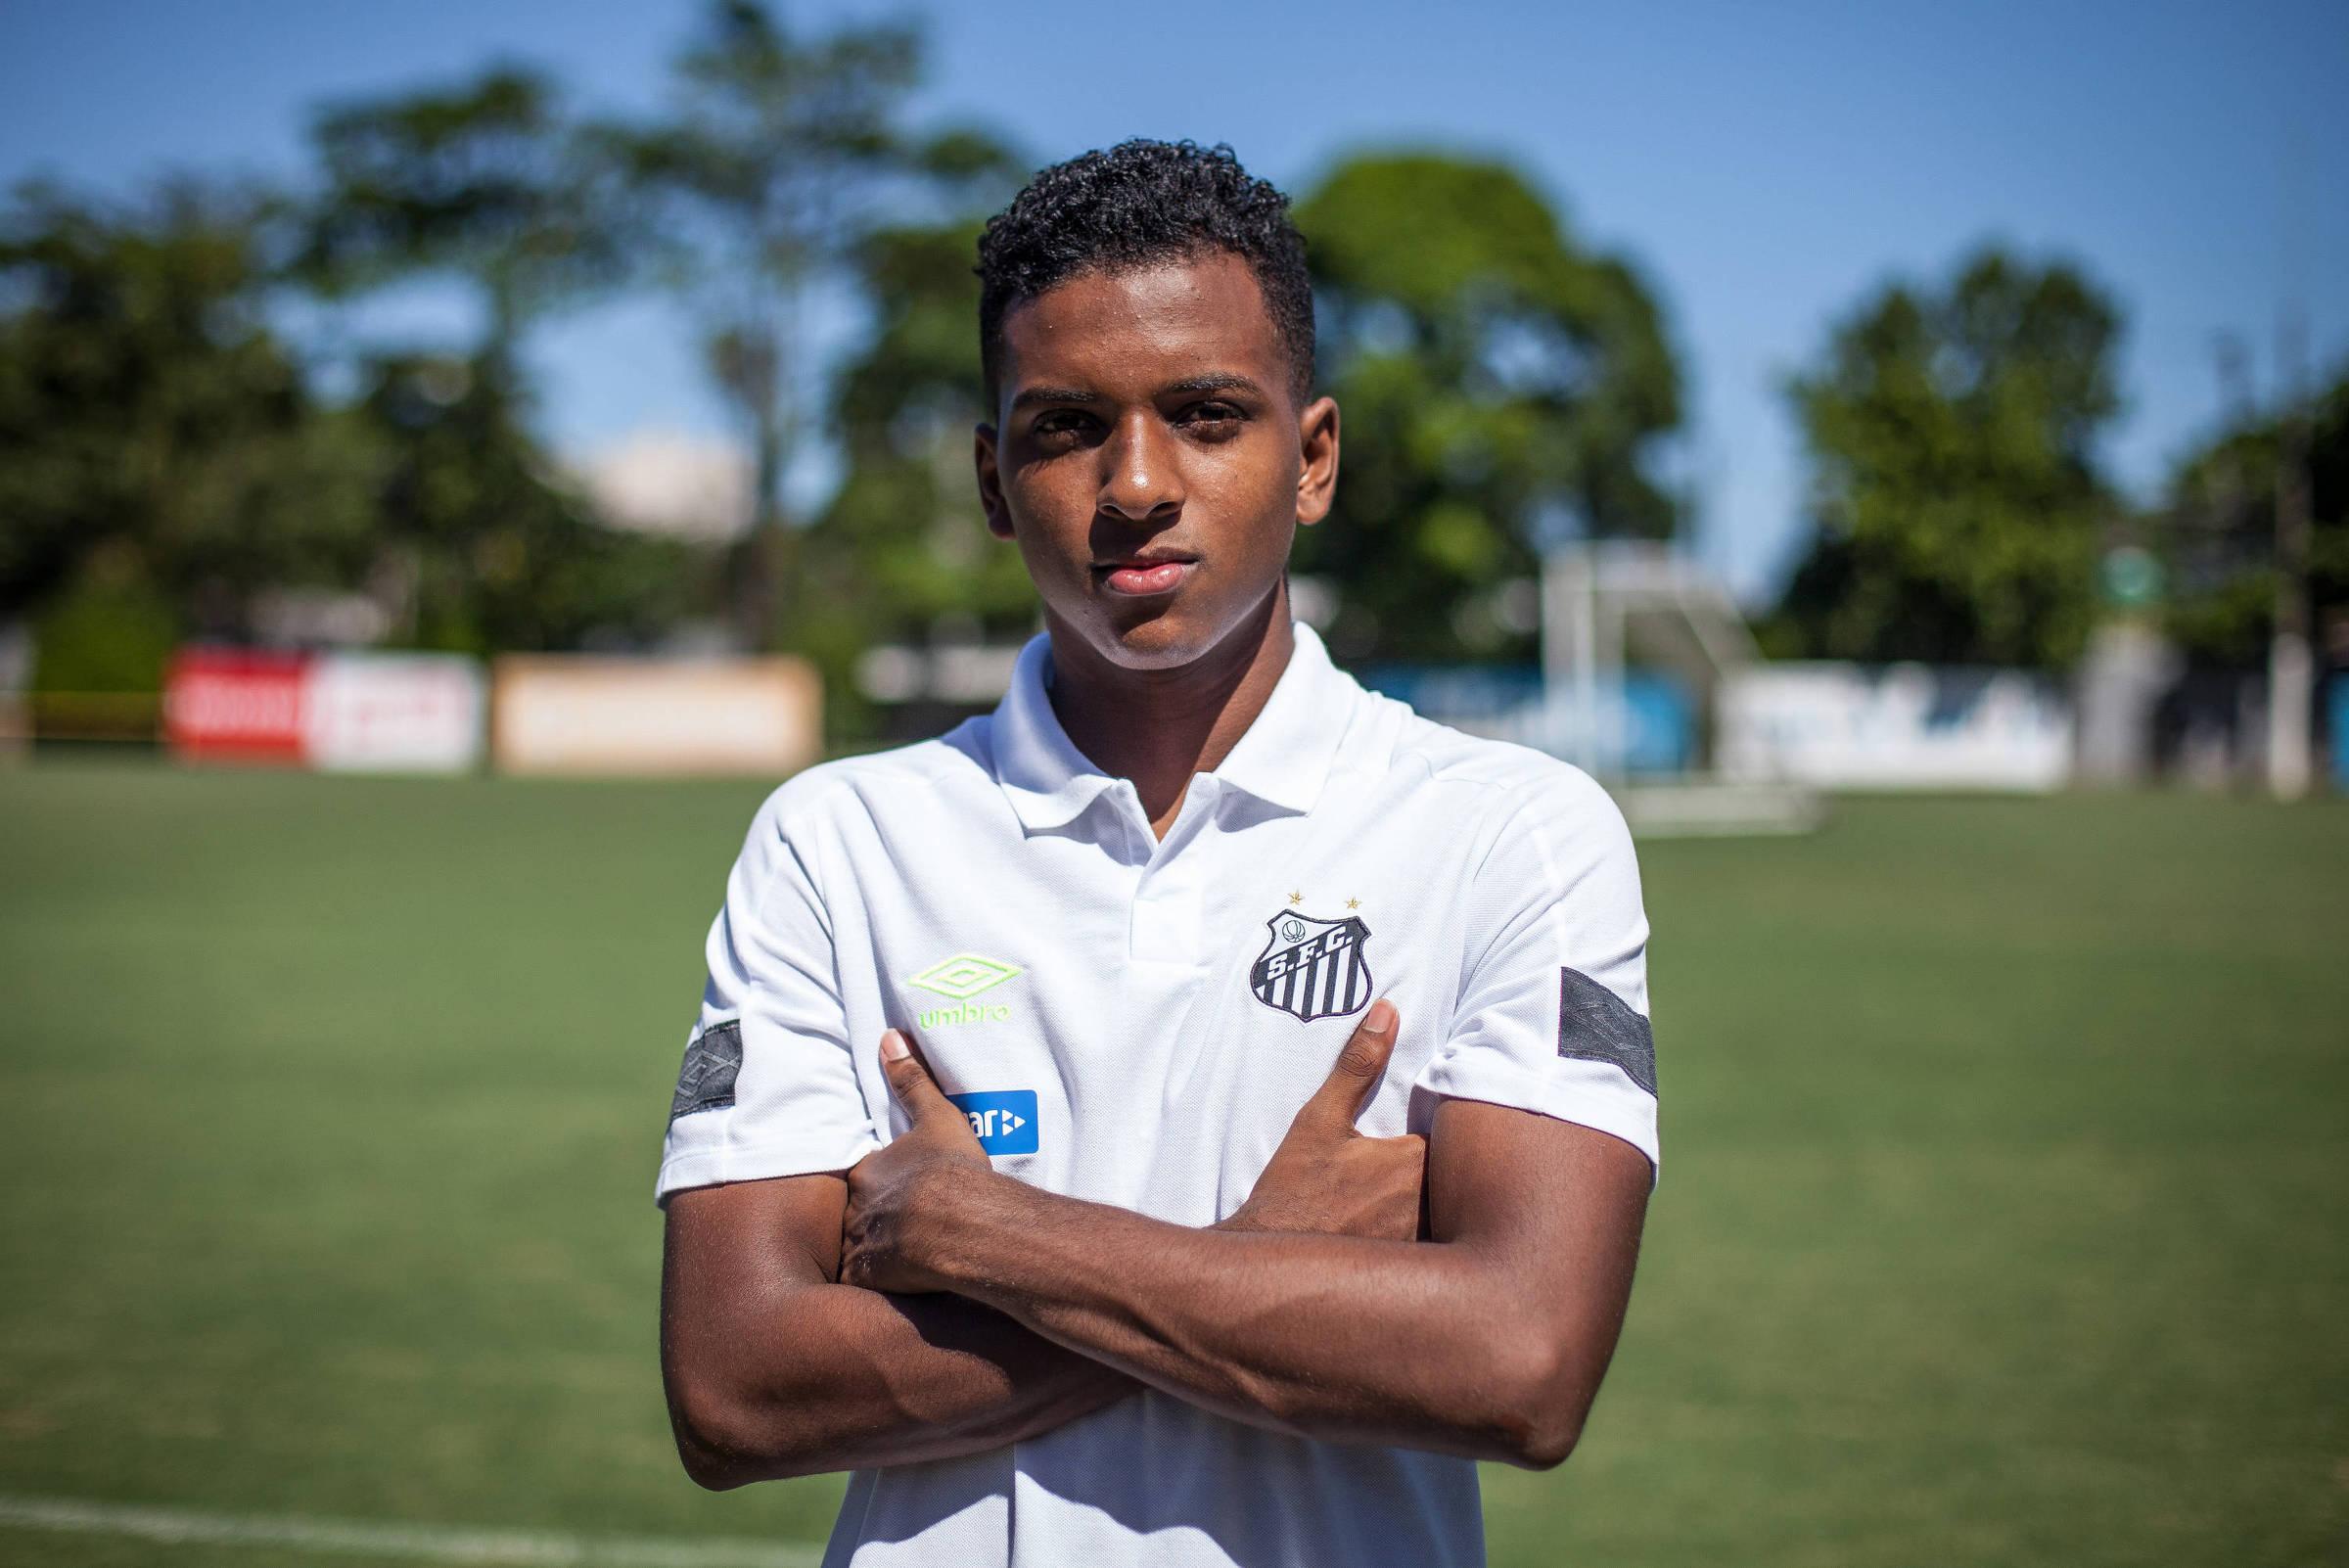 6996add72 Santos vende Rodrygo para o Real Madrid por R  172 milhões - 15 06 2018 -  Esporte - Folha